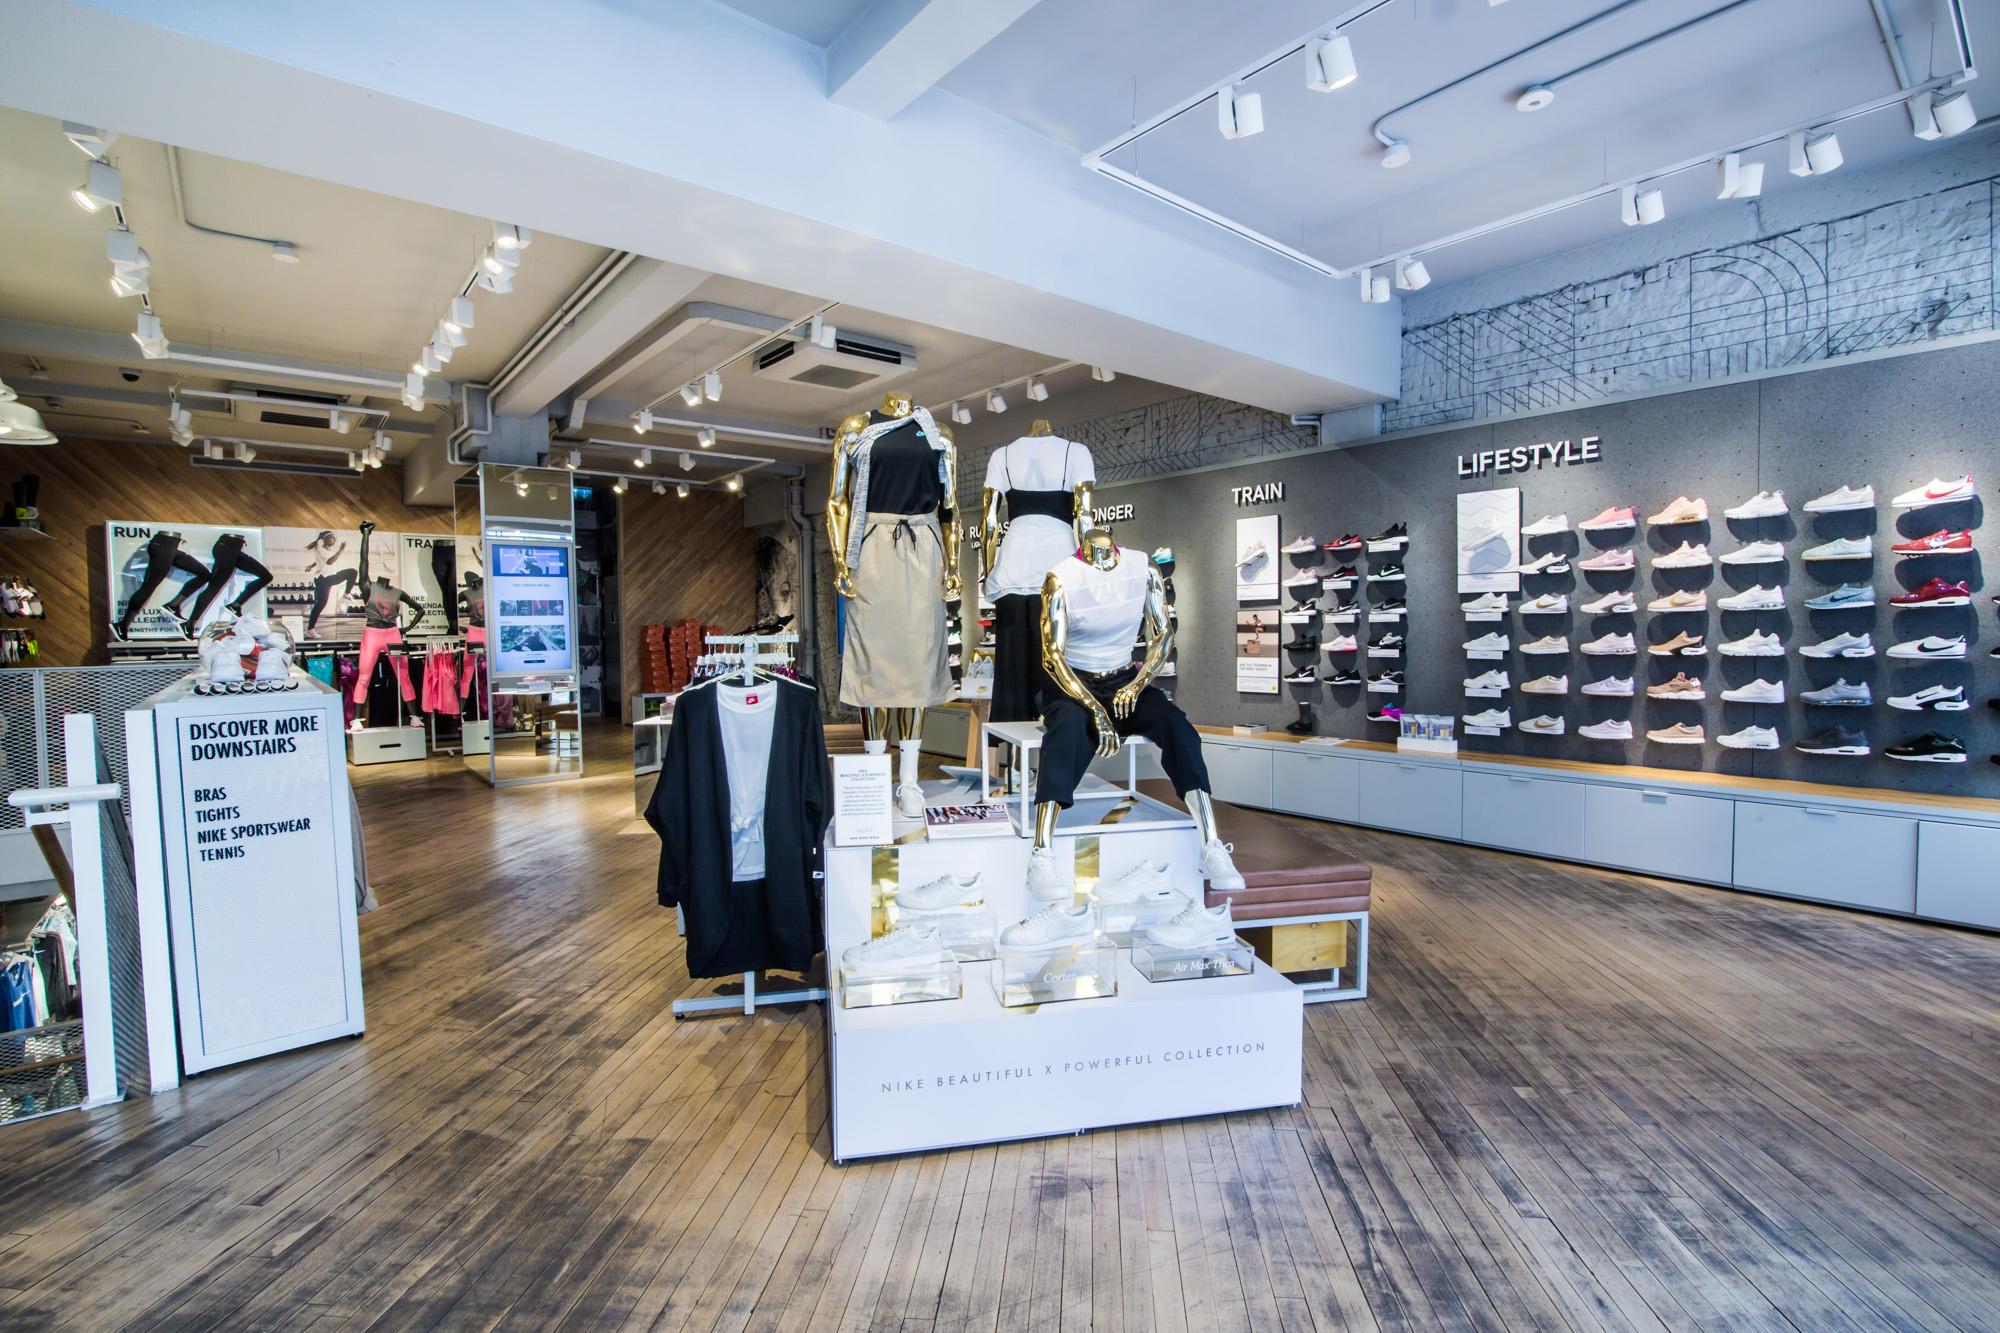 NikeWomen Kings Road